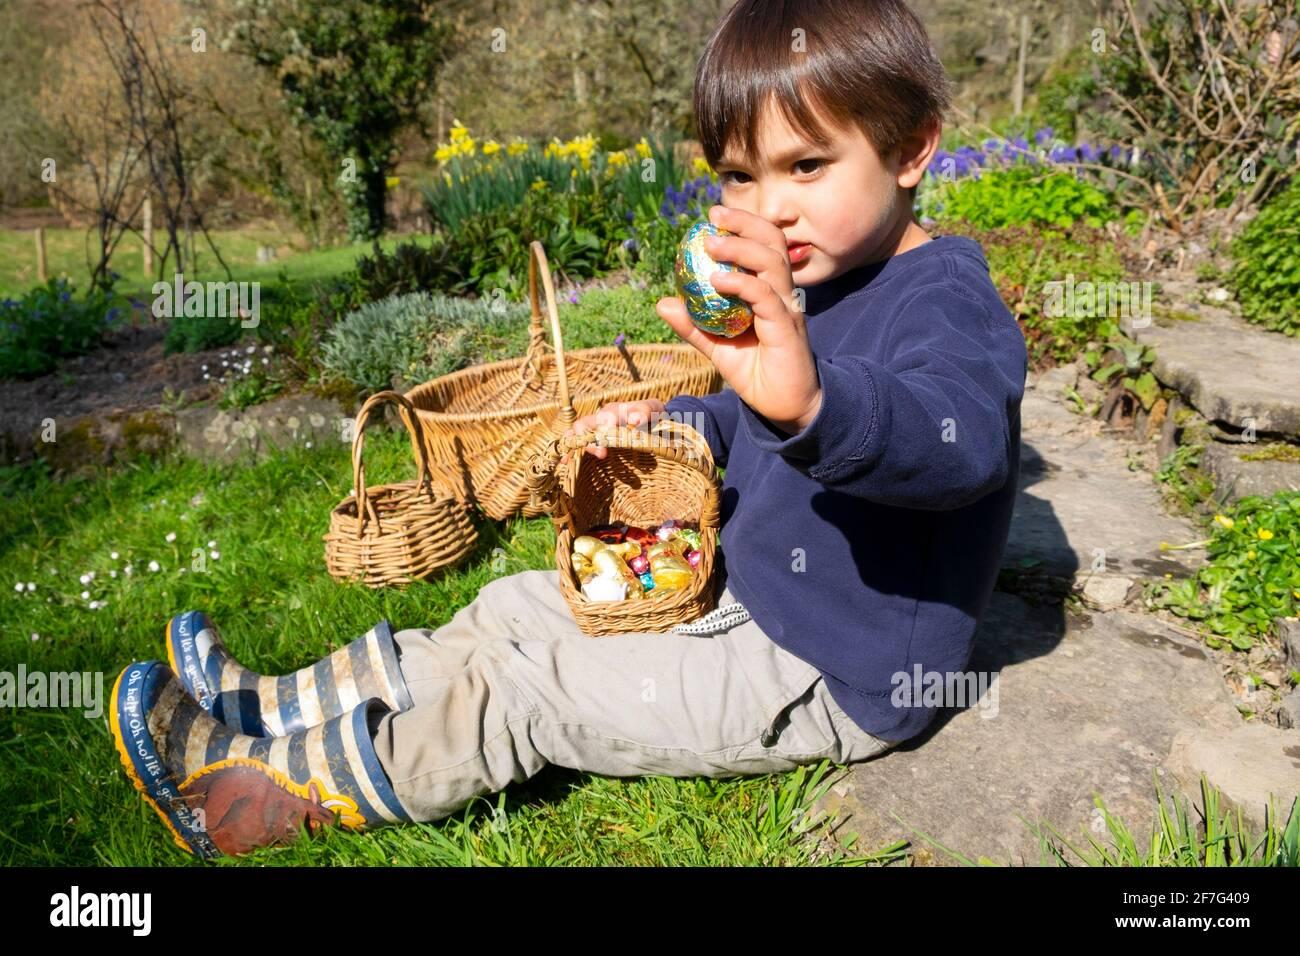 Niño joven sentado en el jardín después de la caza del huevo de Pascua Con una cesta de huevos de Pascua que muestra un huevo de chocolate grande En su mano Gales Reino Unido KATHY DEWITT Foto de stock